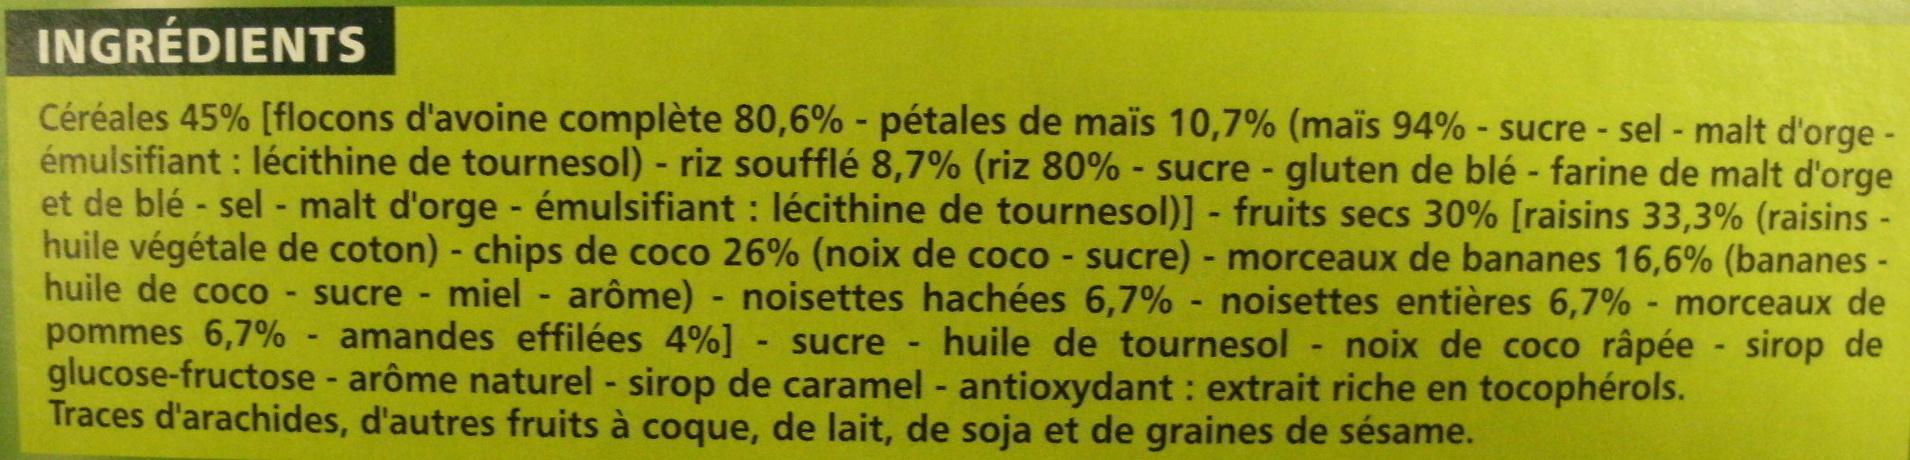 Casino croustillant aux céréales et aux fruits - Ingrediënten - fr